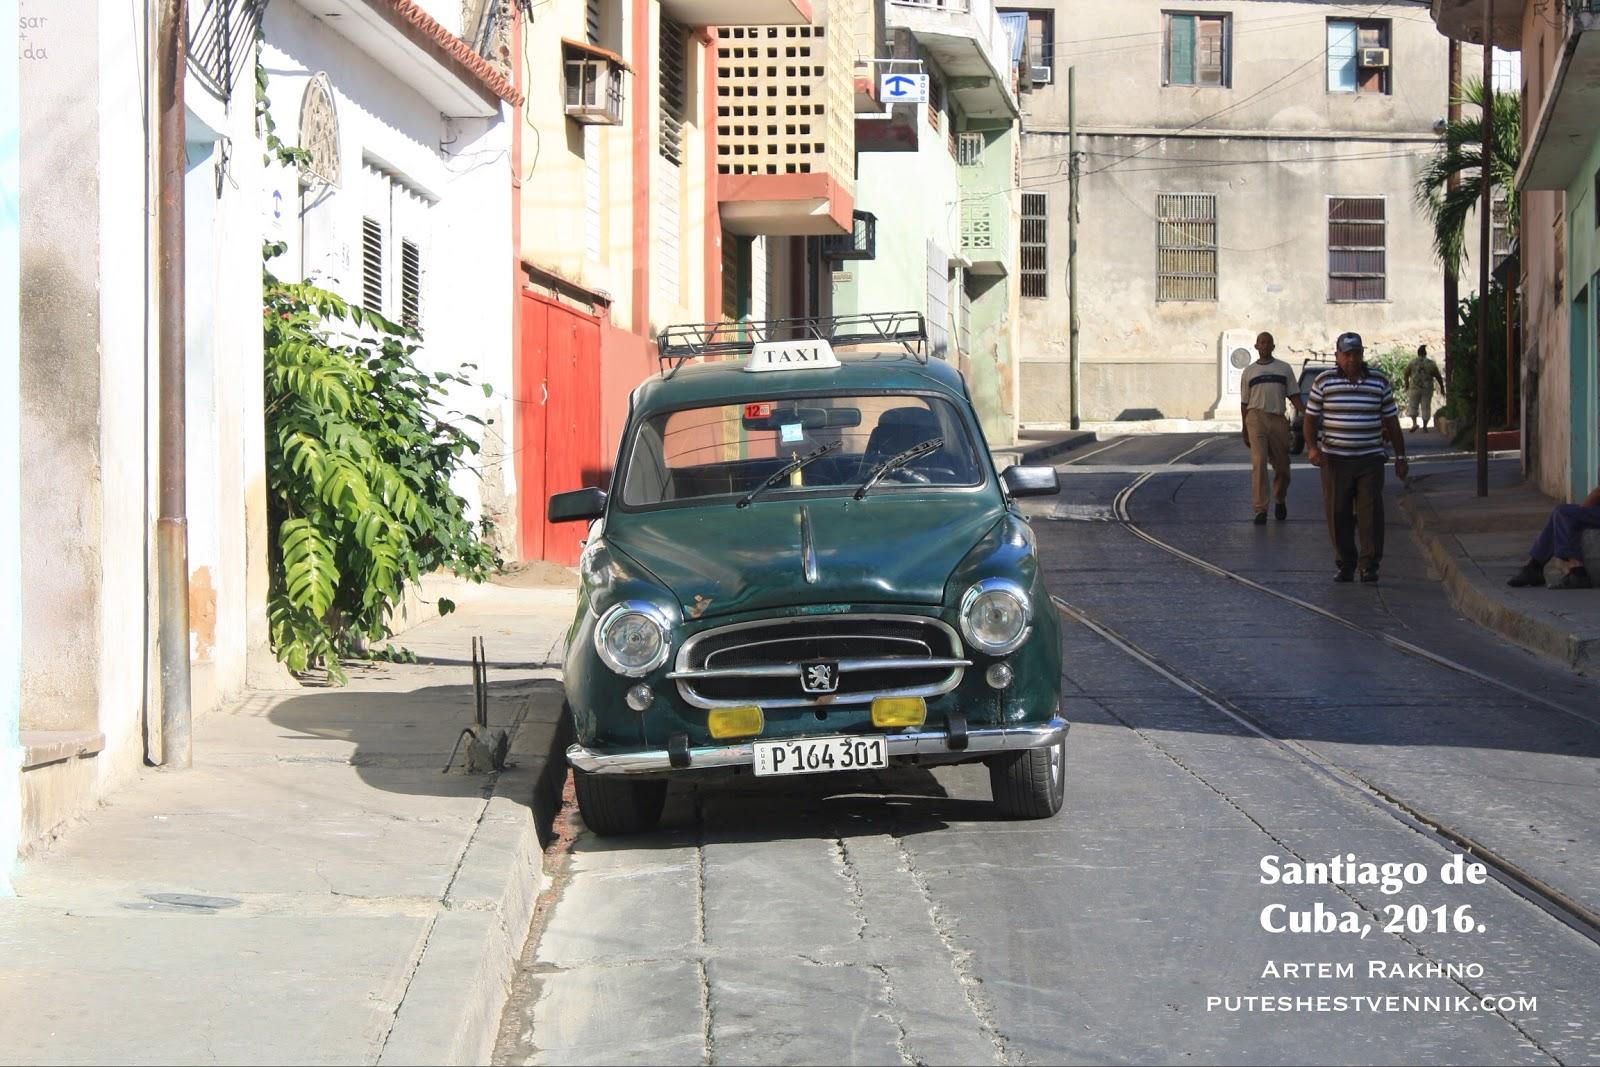 Рельсы и автомобиль на улице в Сантьяго